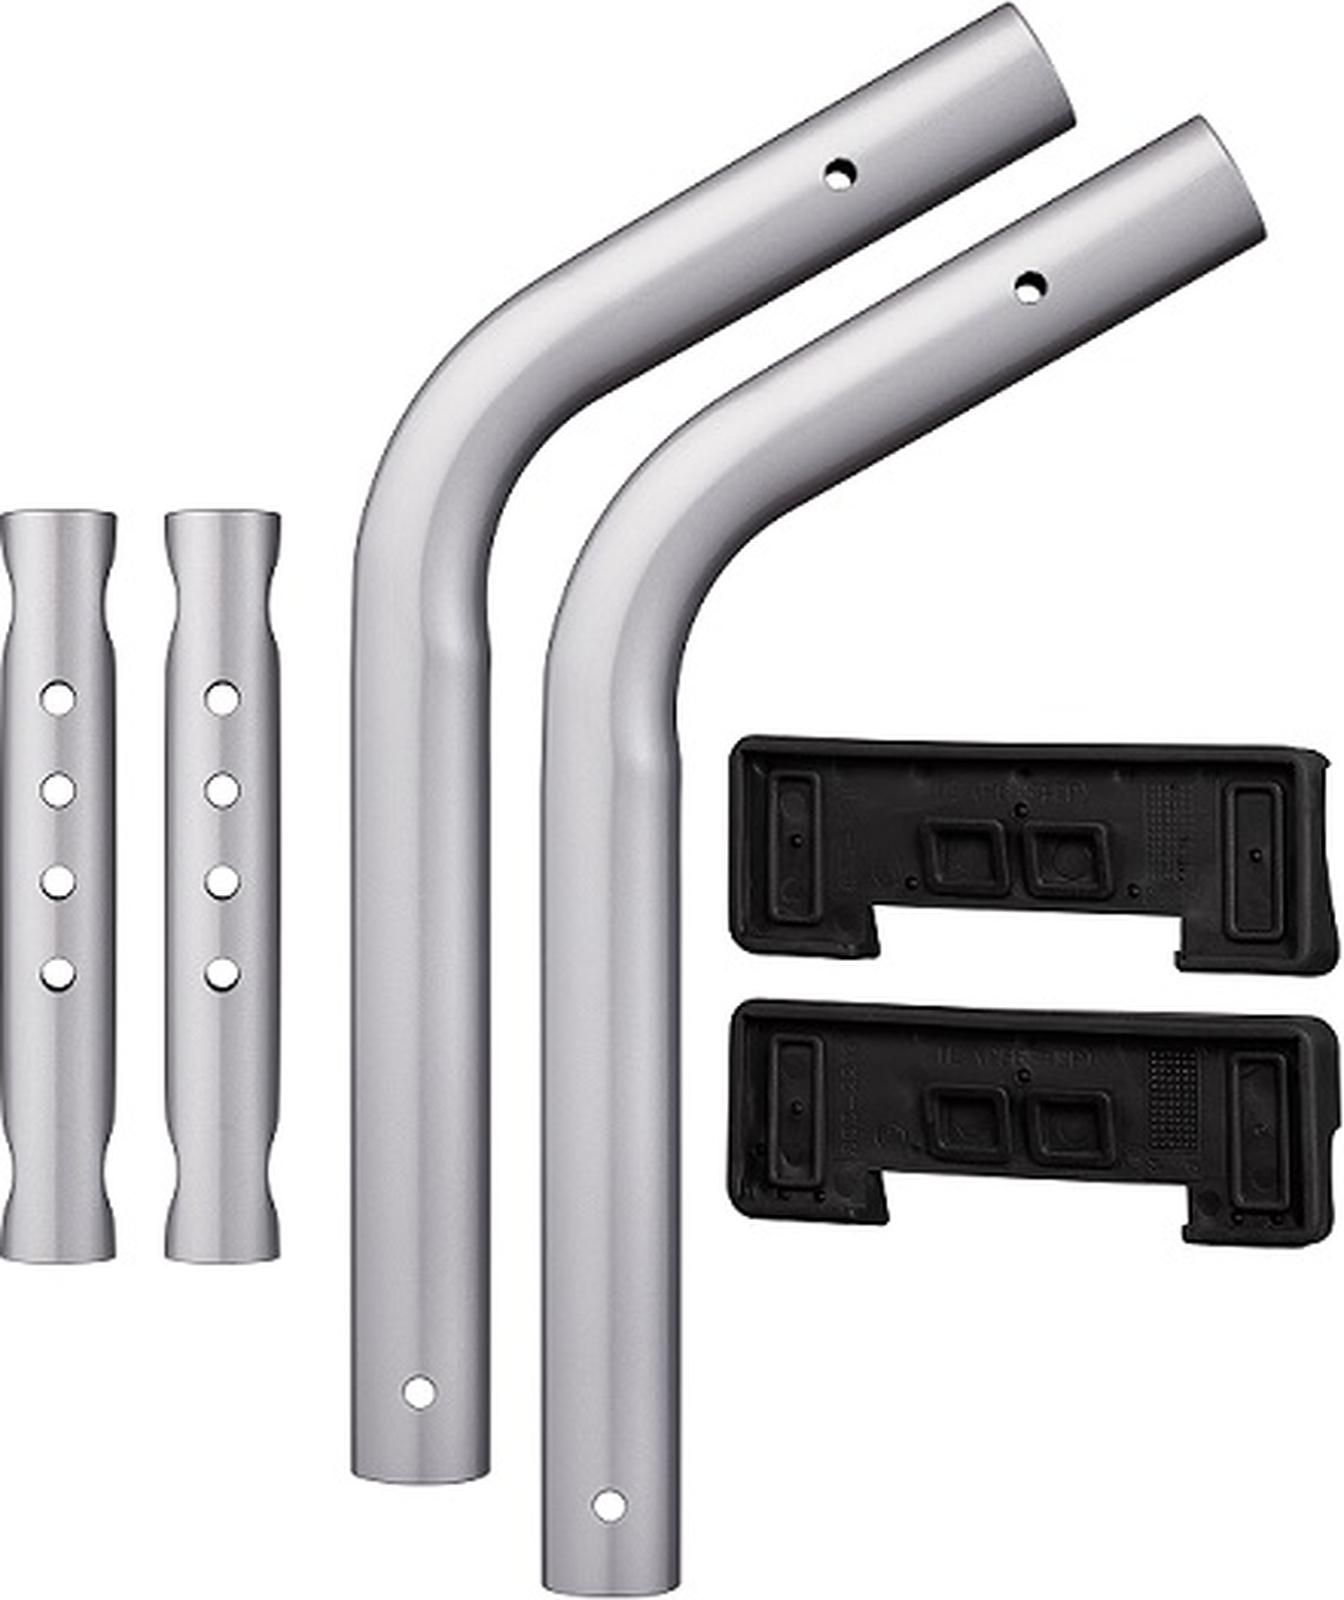 Установочный комплект Thule BackPac, для велосипедного багажника. 973-14 установочный комплект для велокрепления thule backpac kit 973 18